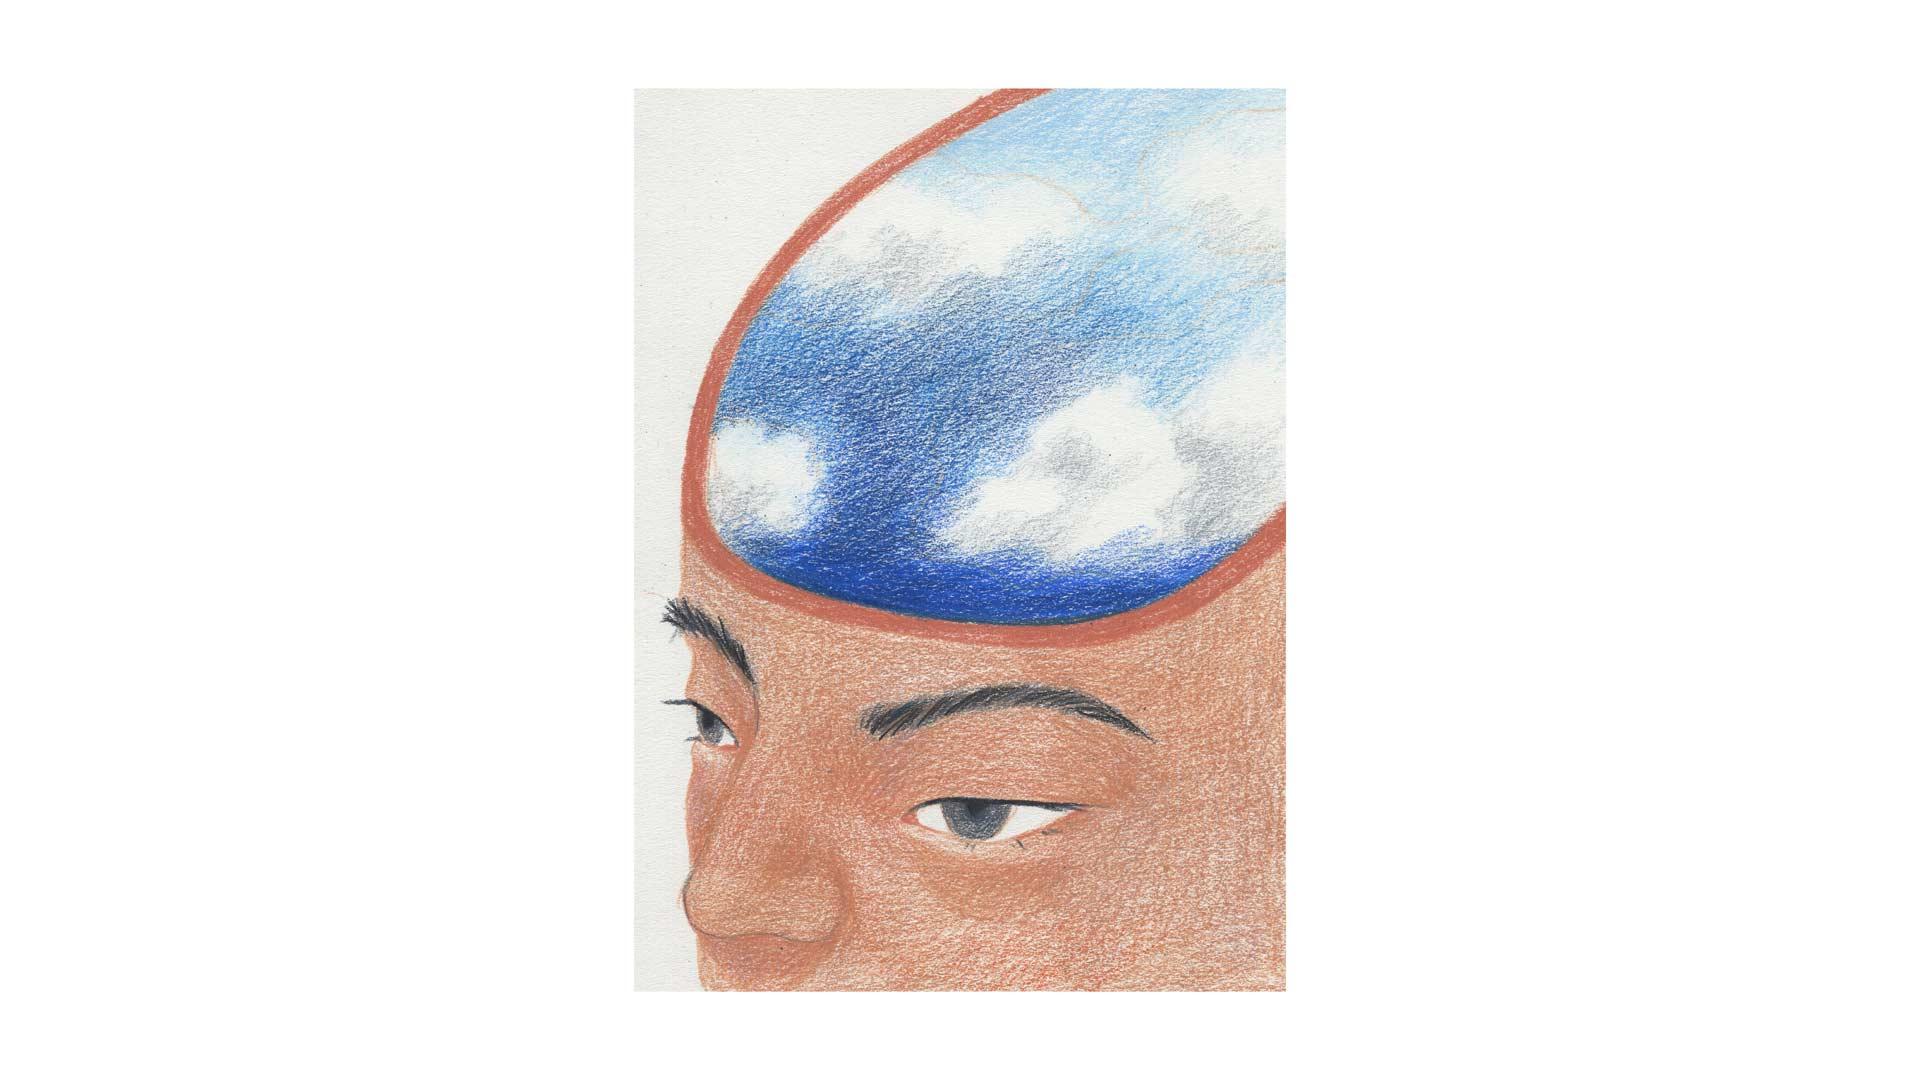 illustration by Jiayue Li human head with sky inside head